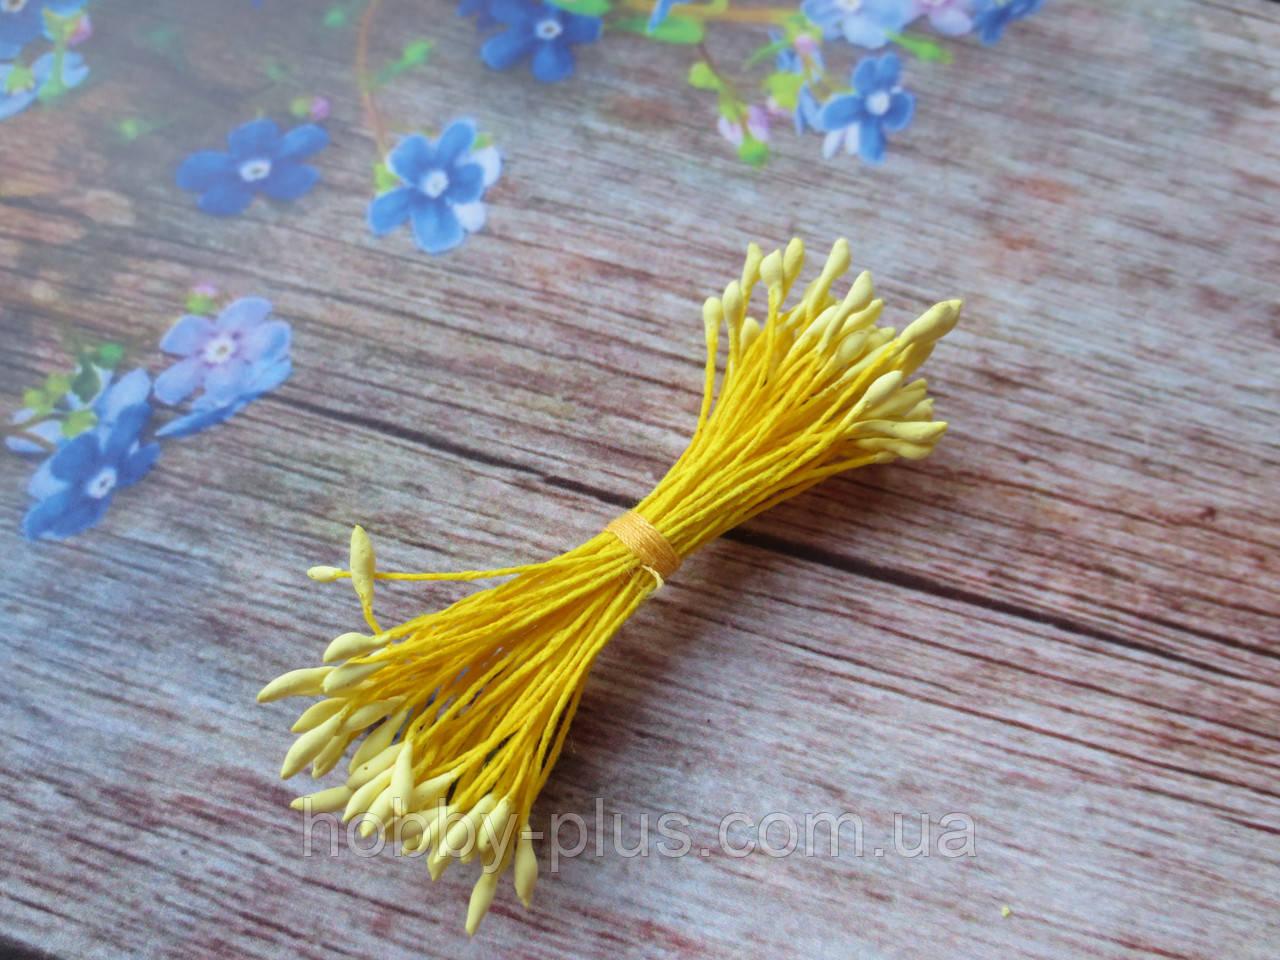 Тычинки мелкие, матовые желтые на желтой ните, 50 нитей, 100 головок